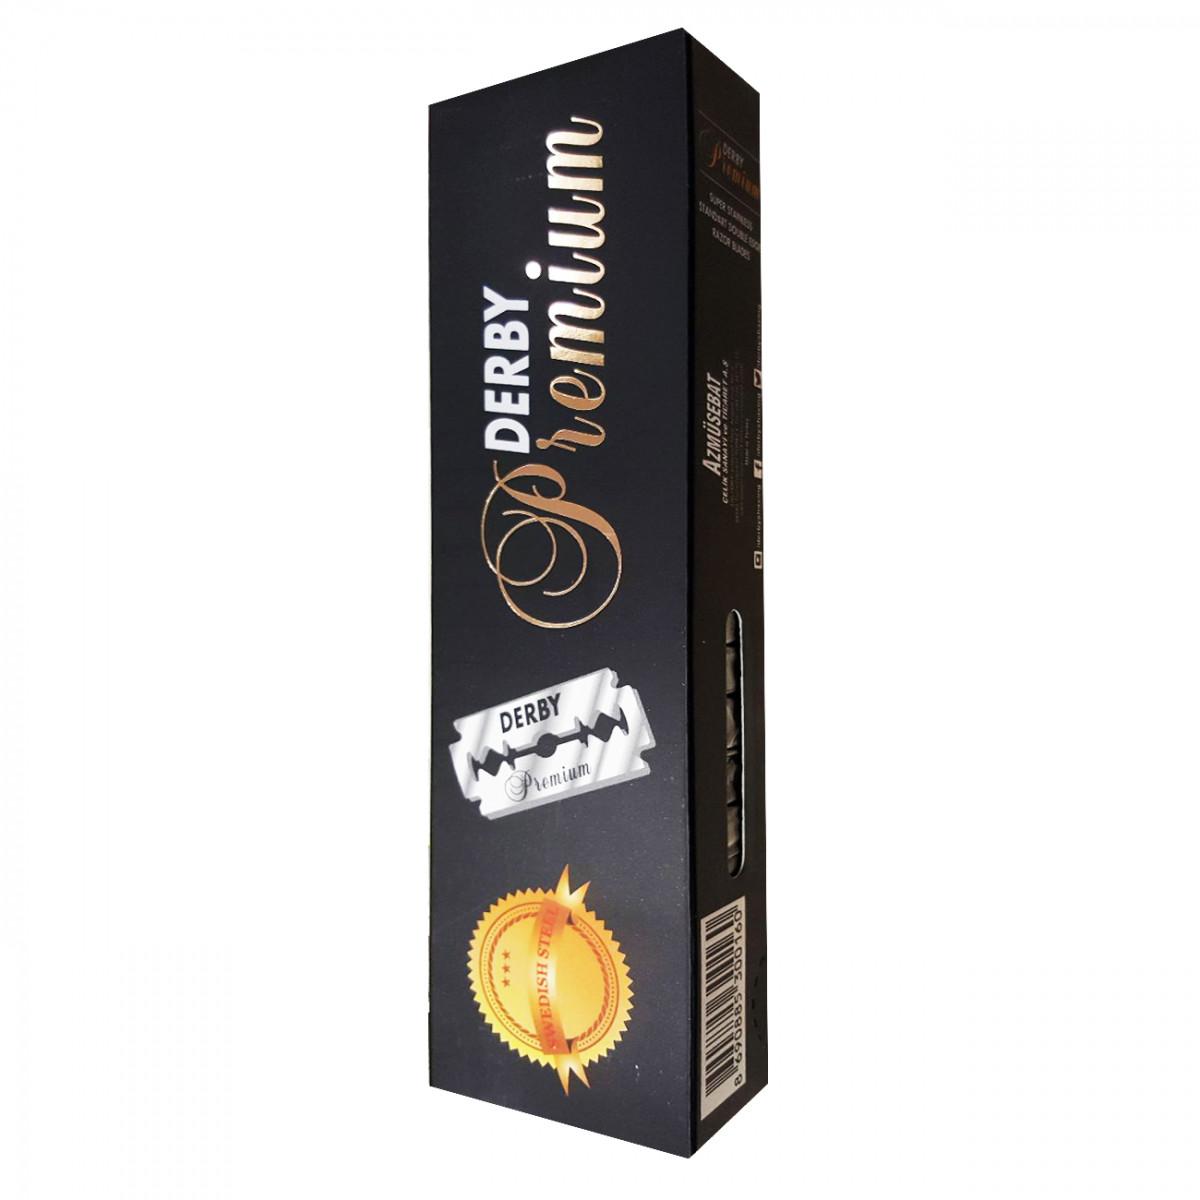 Сменные лезвия Derby Premium black, 100 шт.